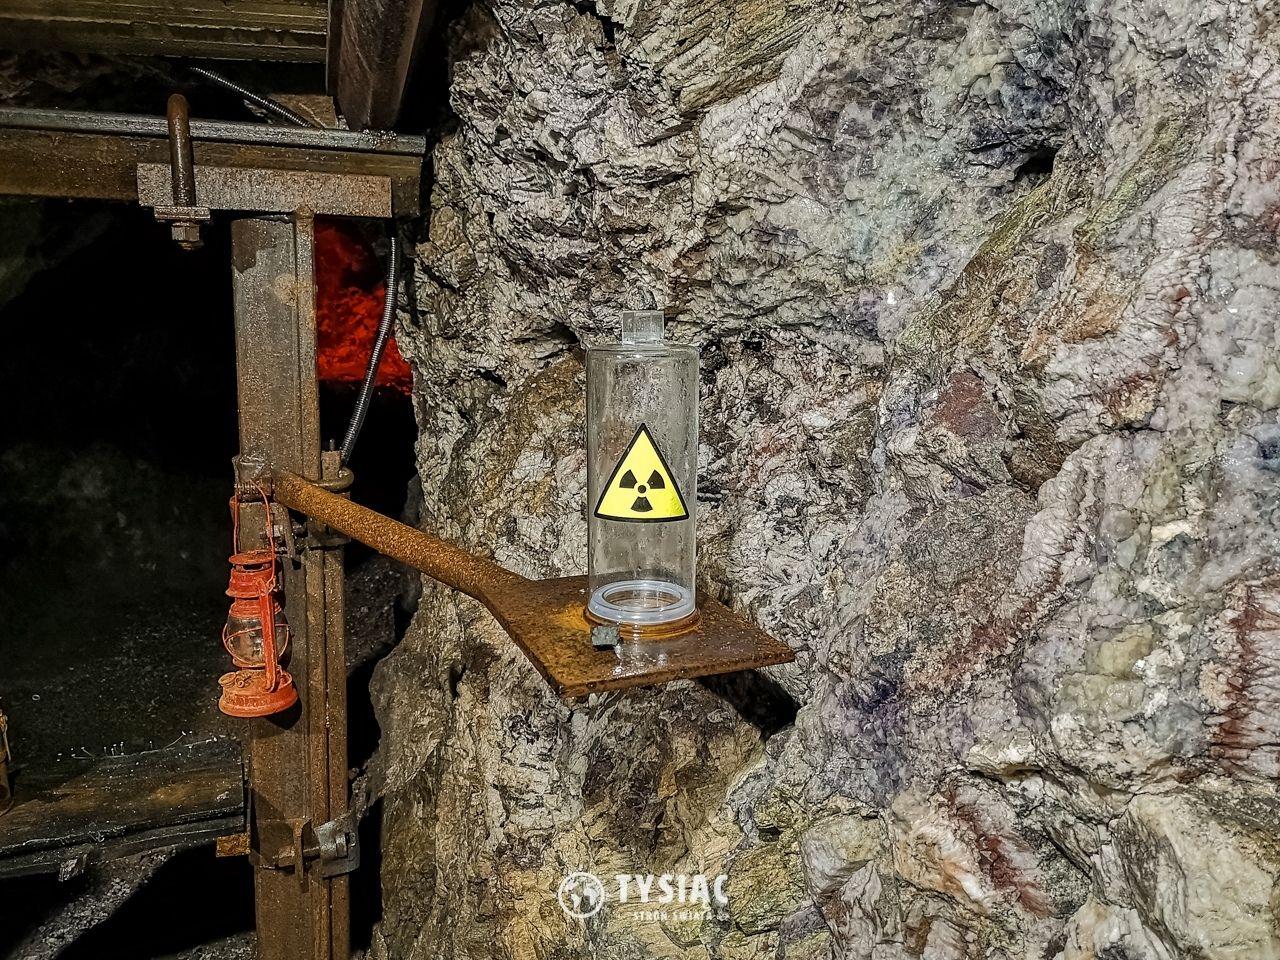 Kopalnia uranu - prawdziwy uran